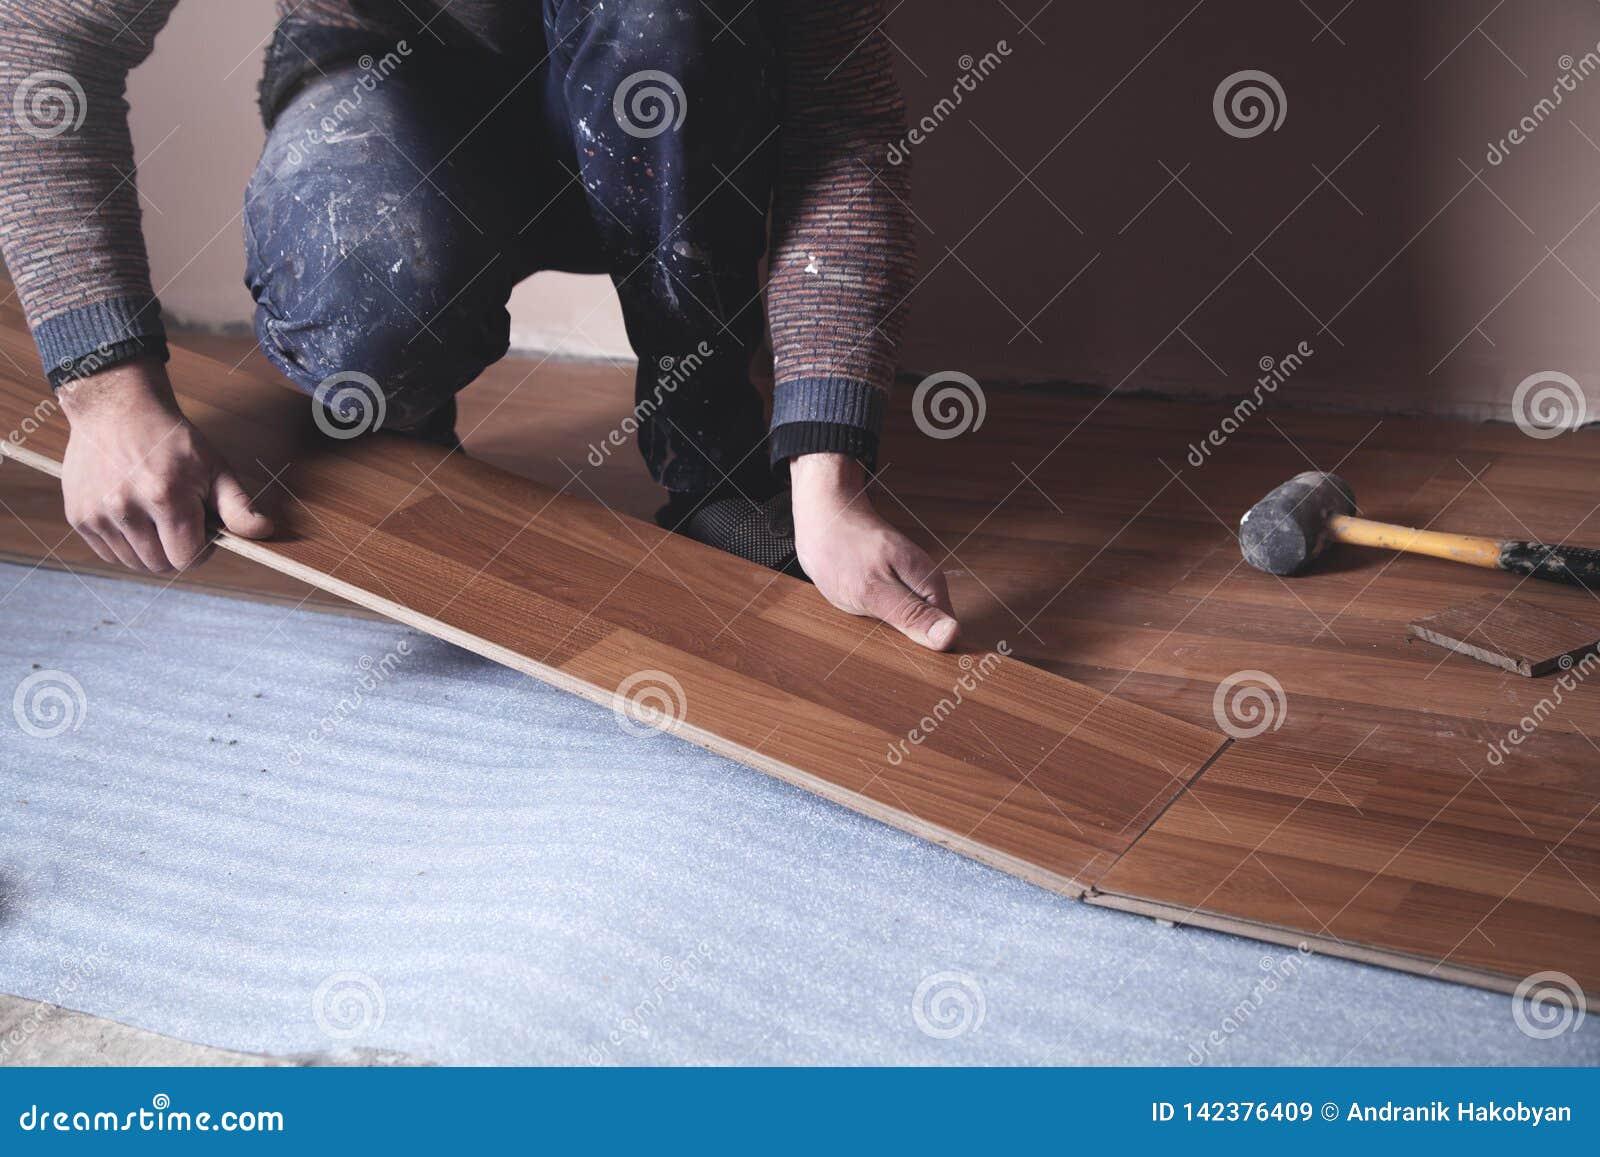 Worker installing new laminate wooden floor